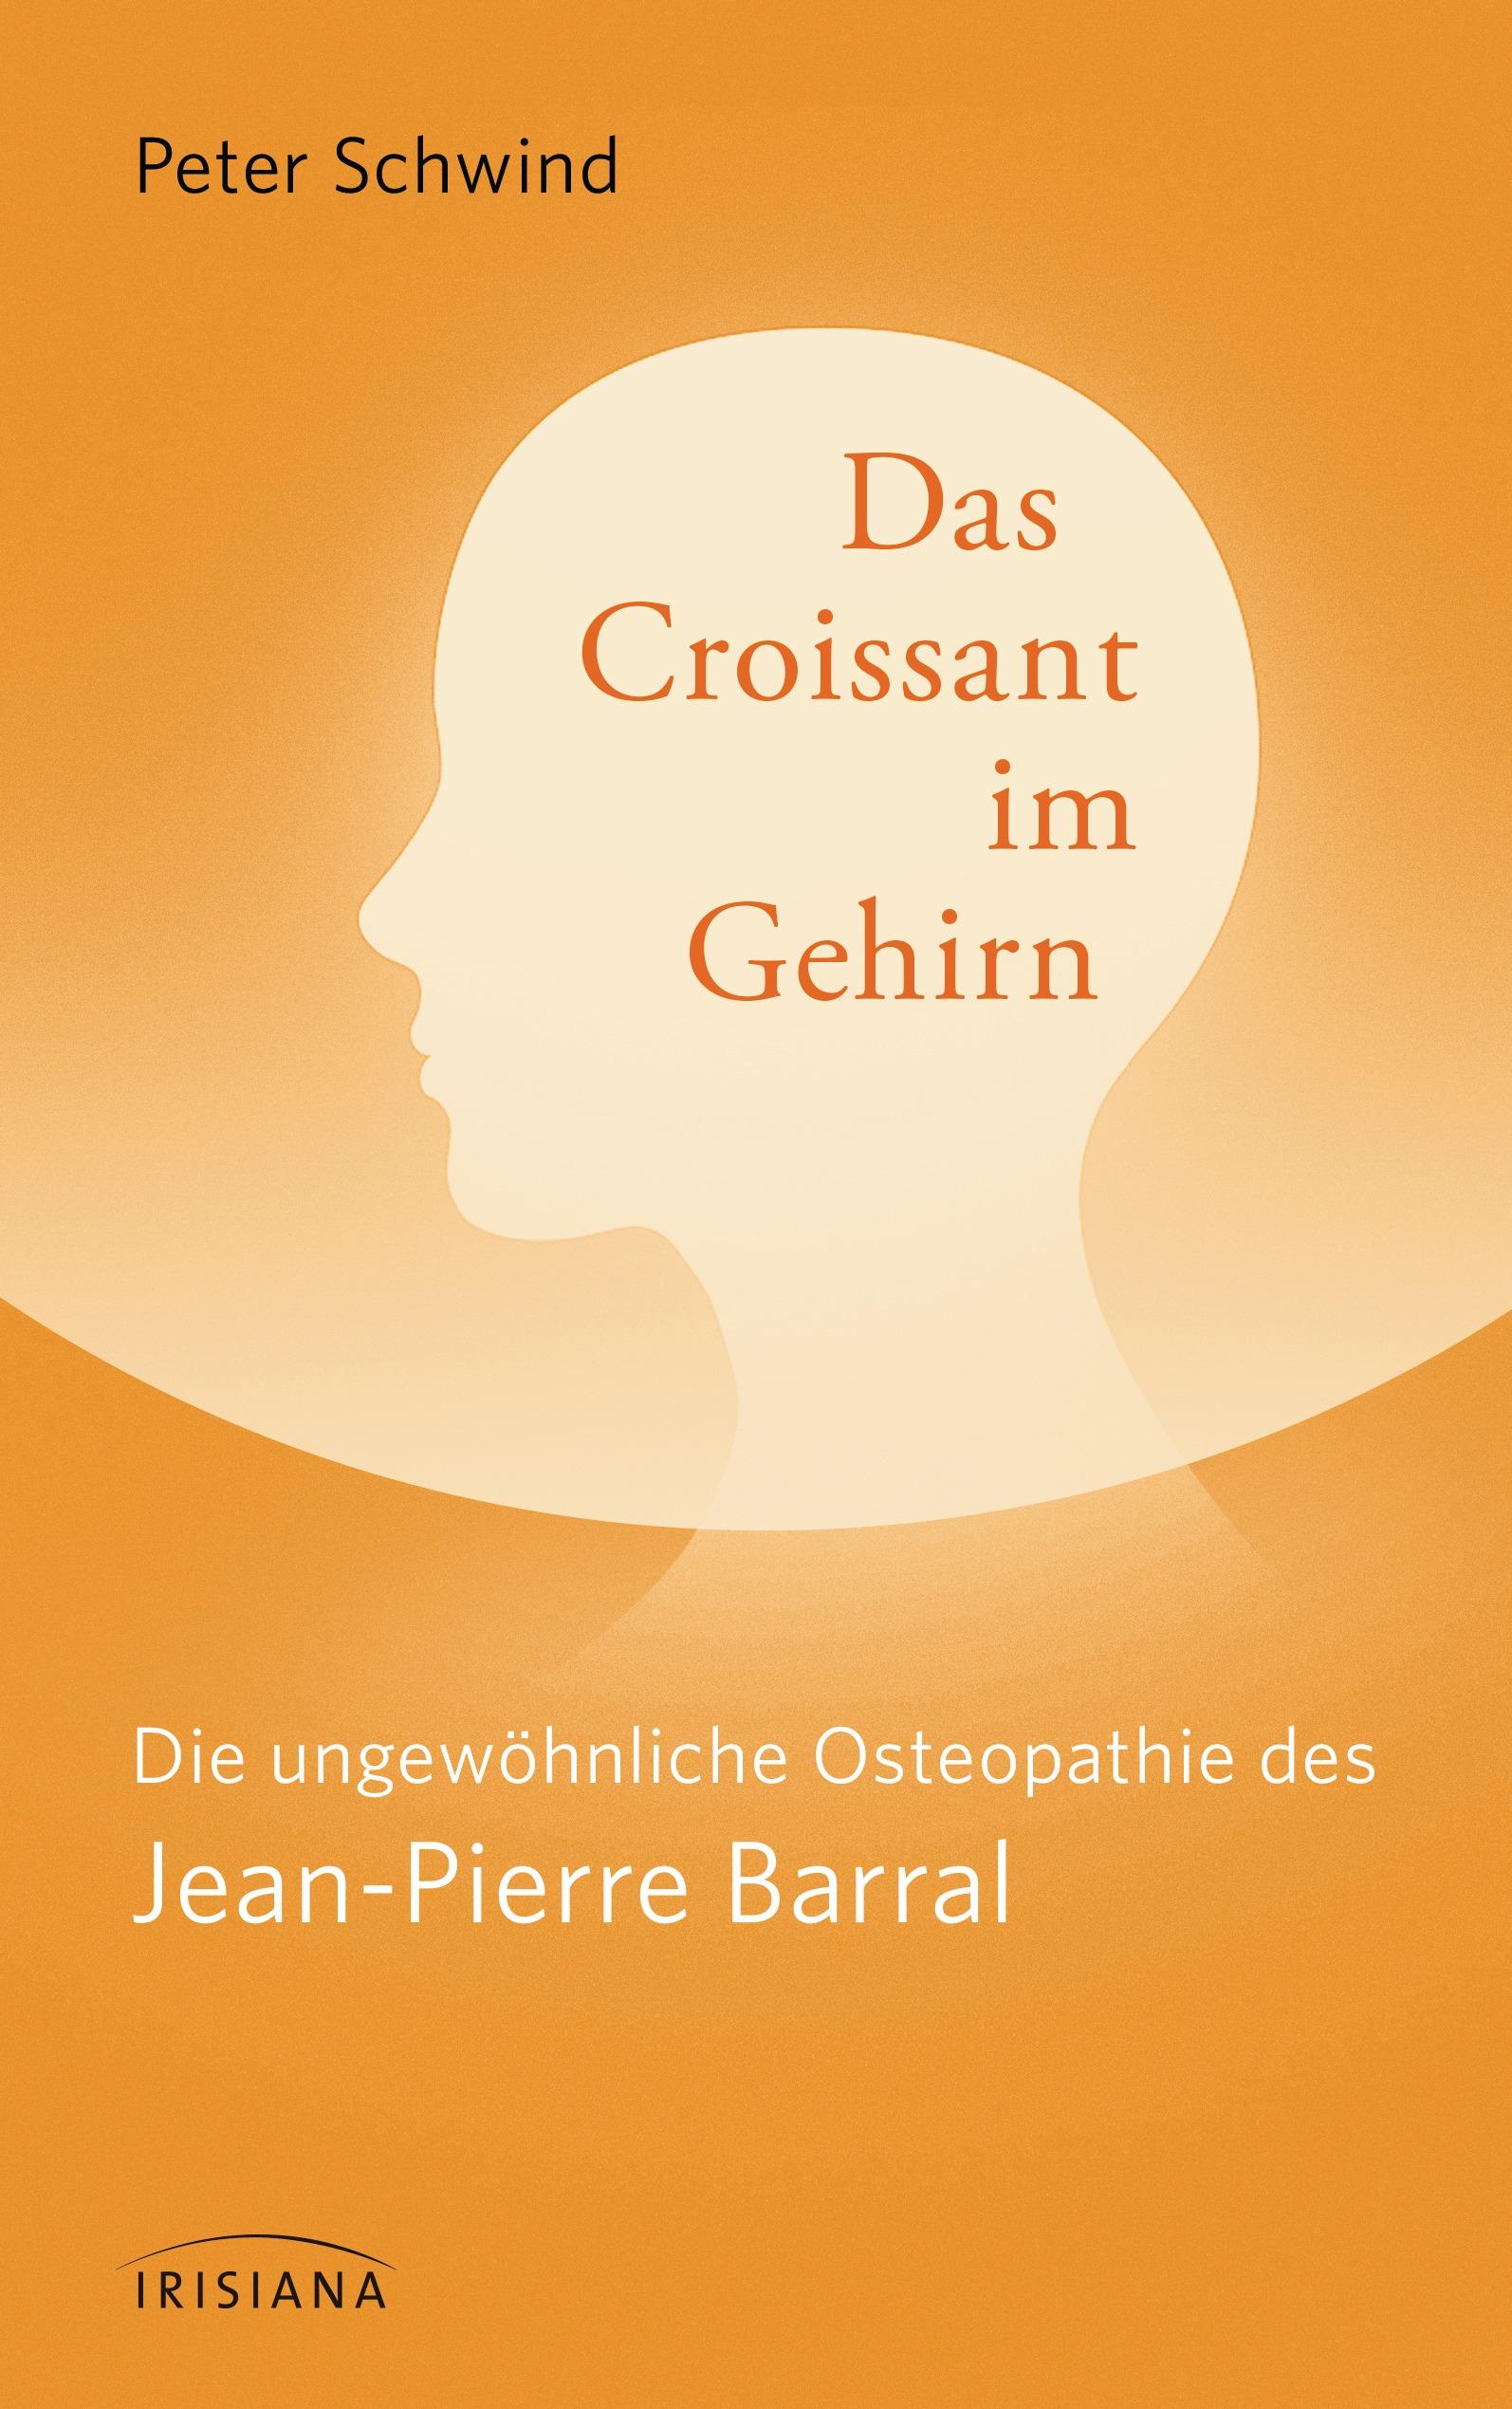 Das Croissant im Gehirn Peter Schwind